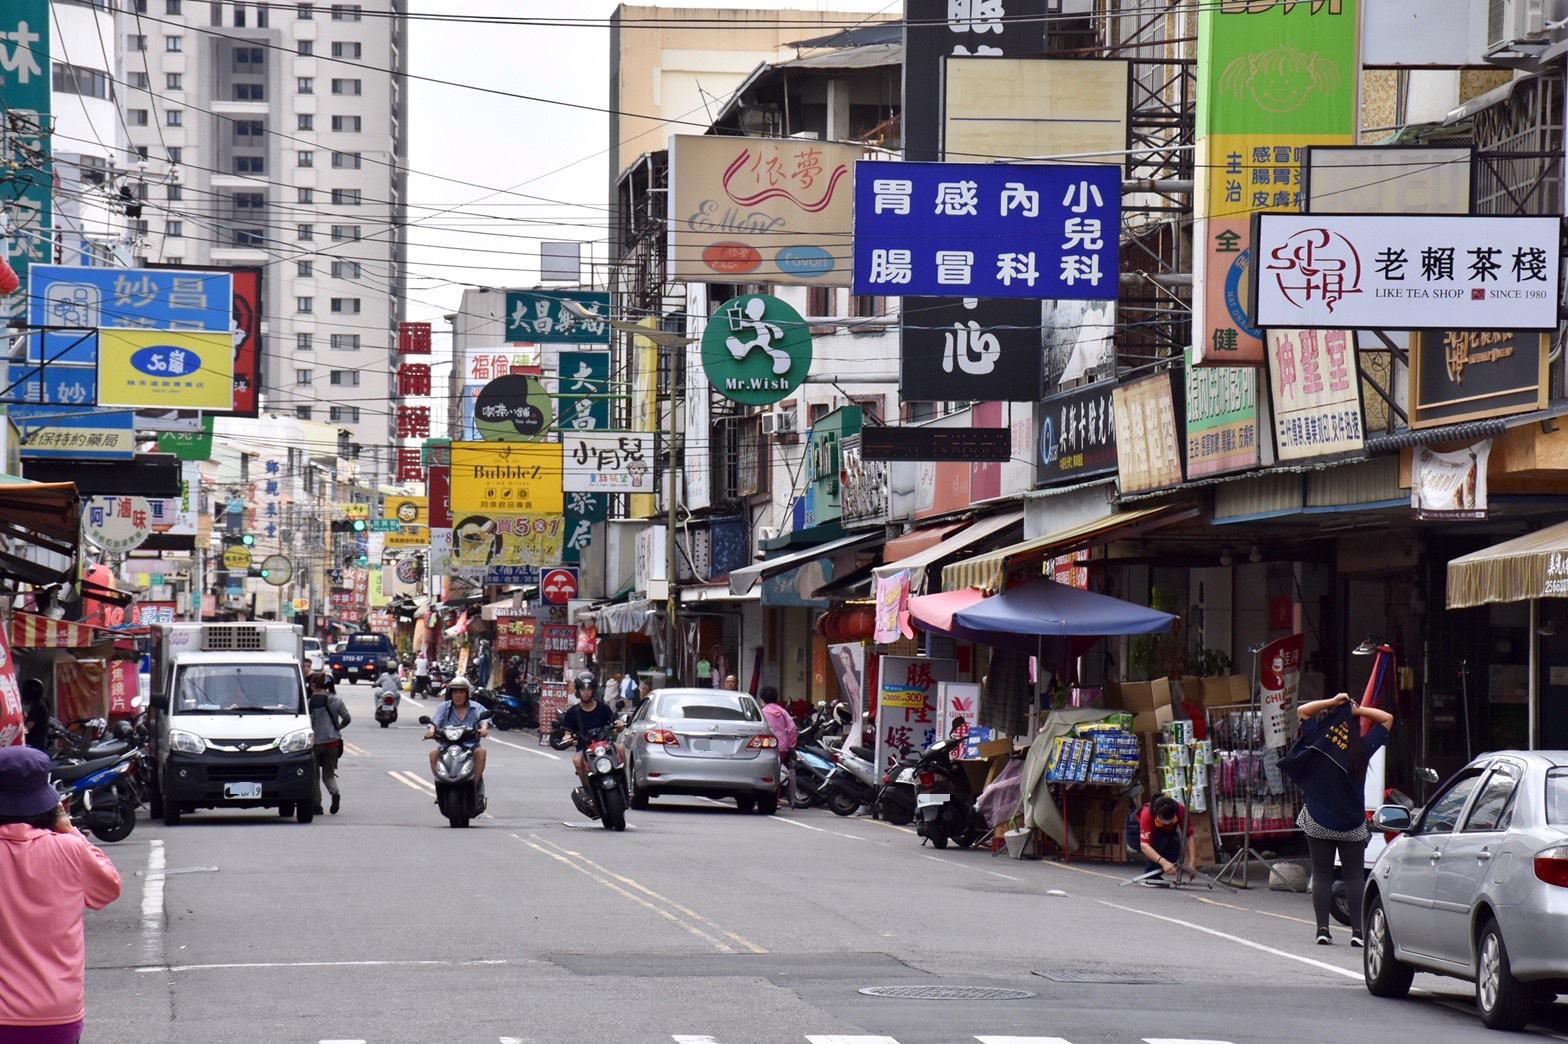 推動潭雅神商圈發展 中市府積極輔導。(記者陳信宏翻攝)